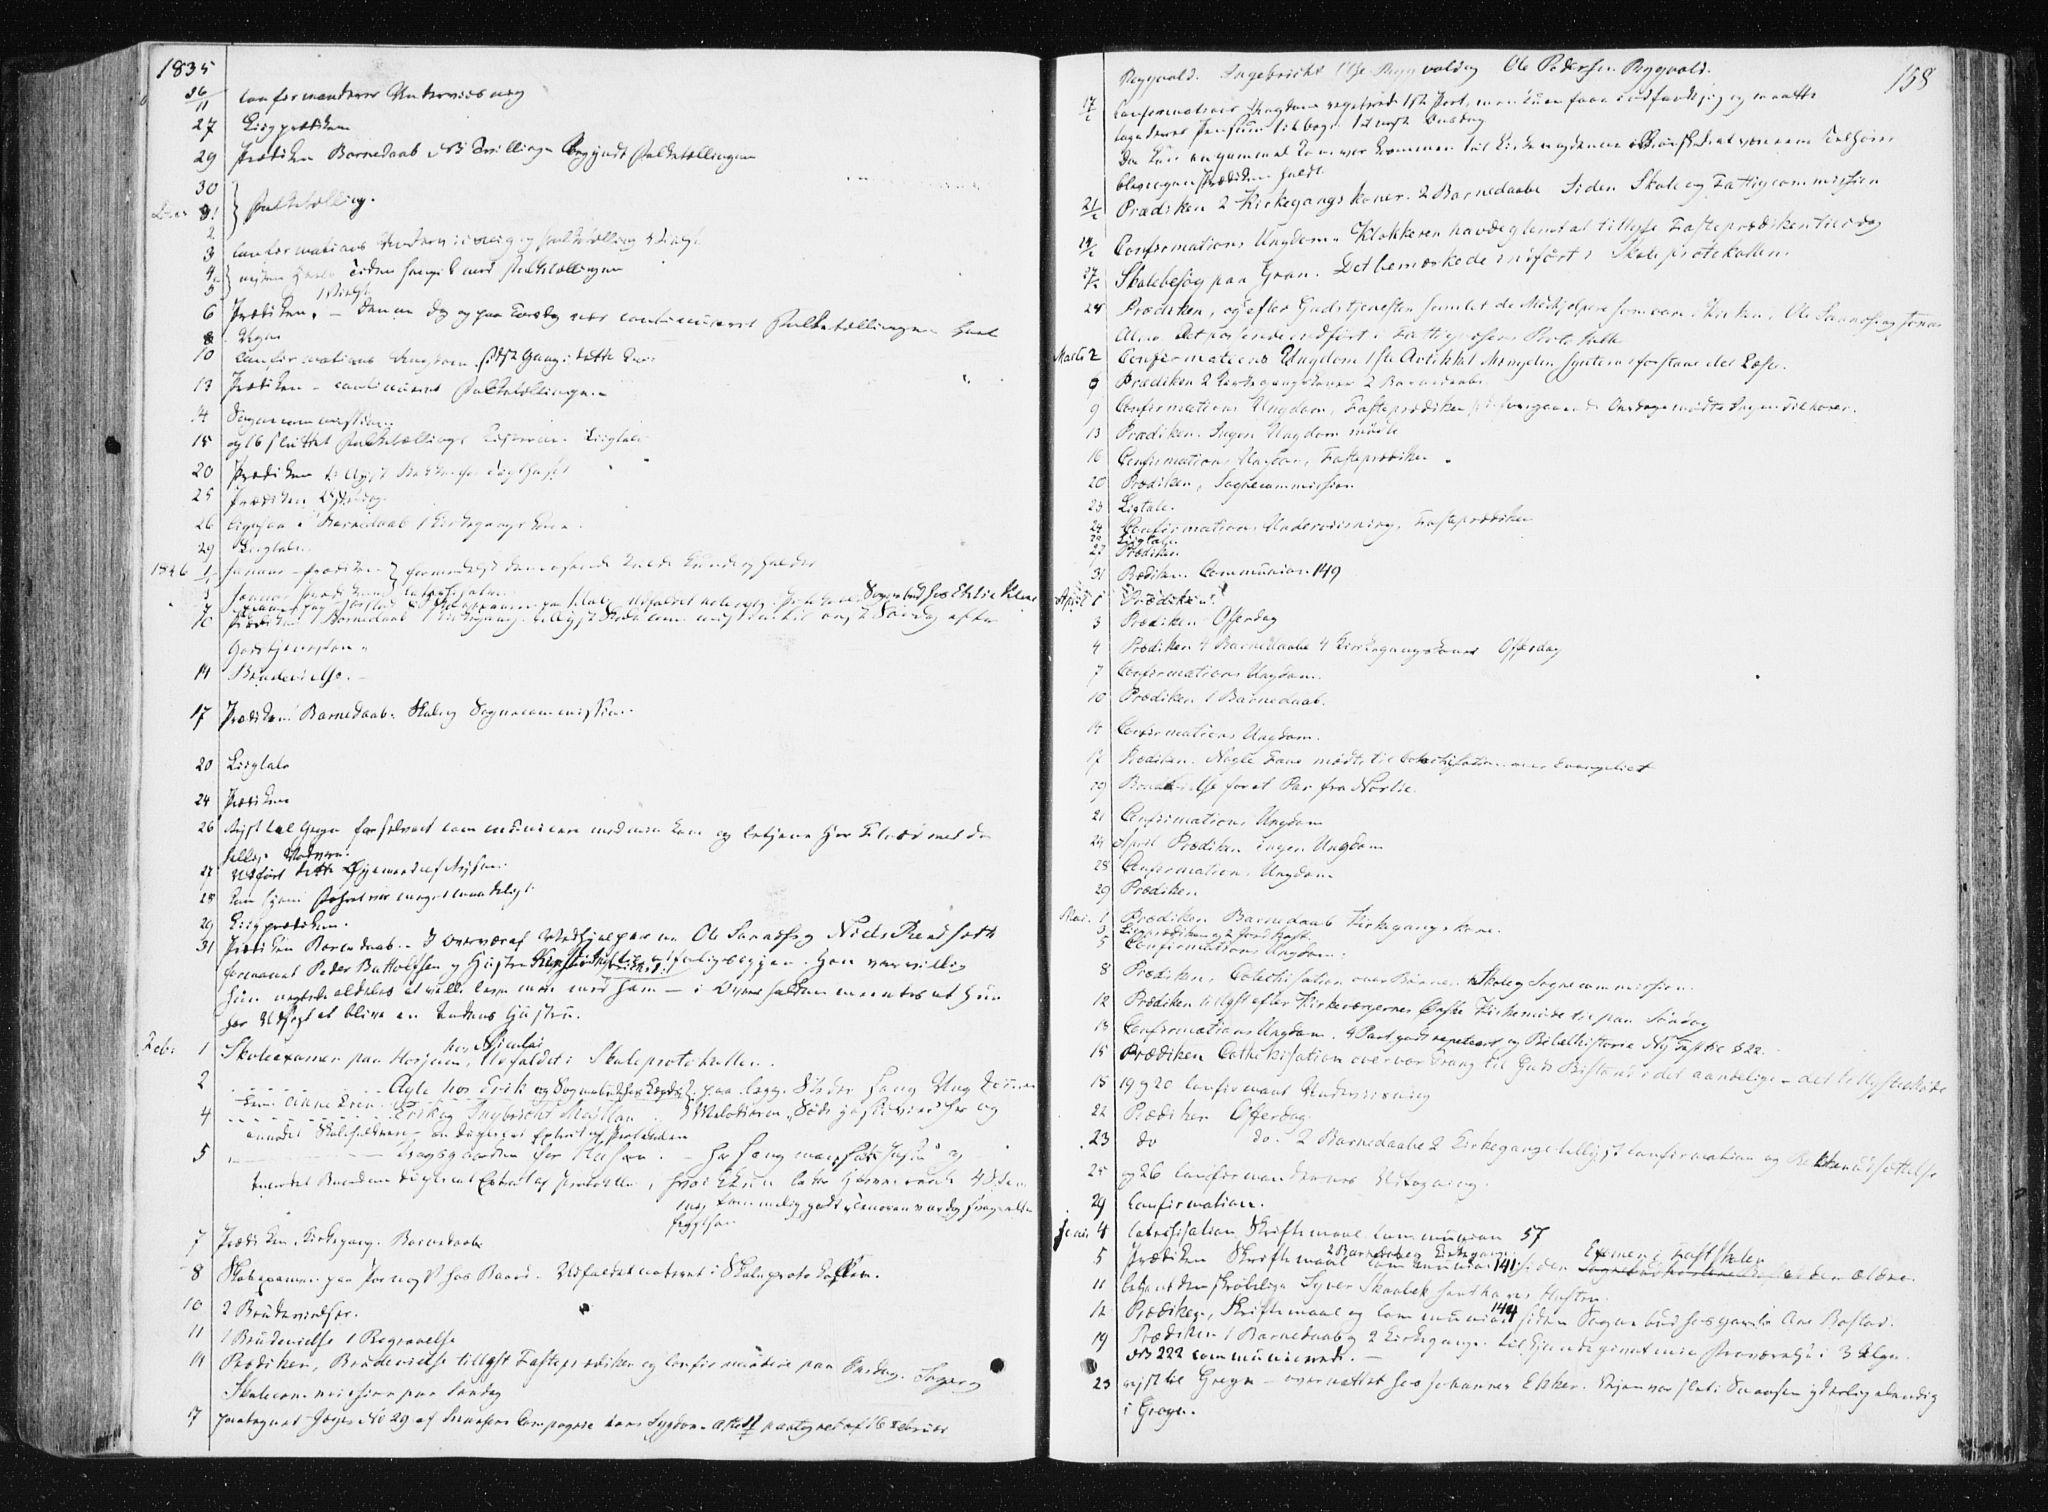 SAT, Ministerialprotokoller, klokkerbøker og fødselsregistre - Nord-Trøndelag, 749/L0470: Ministerialbok nr. 749A04, 1834-1853, s. 158